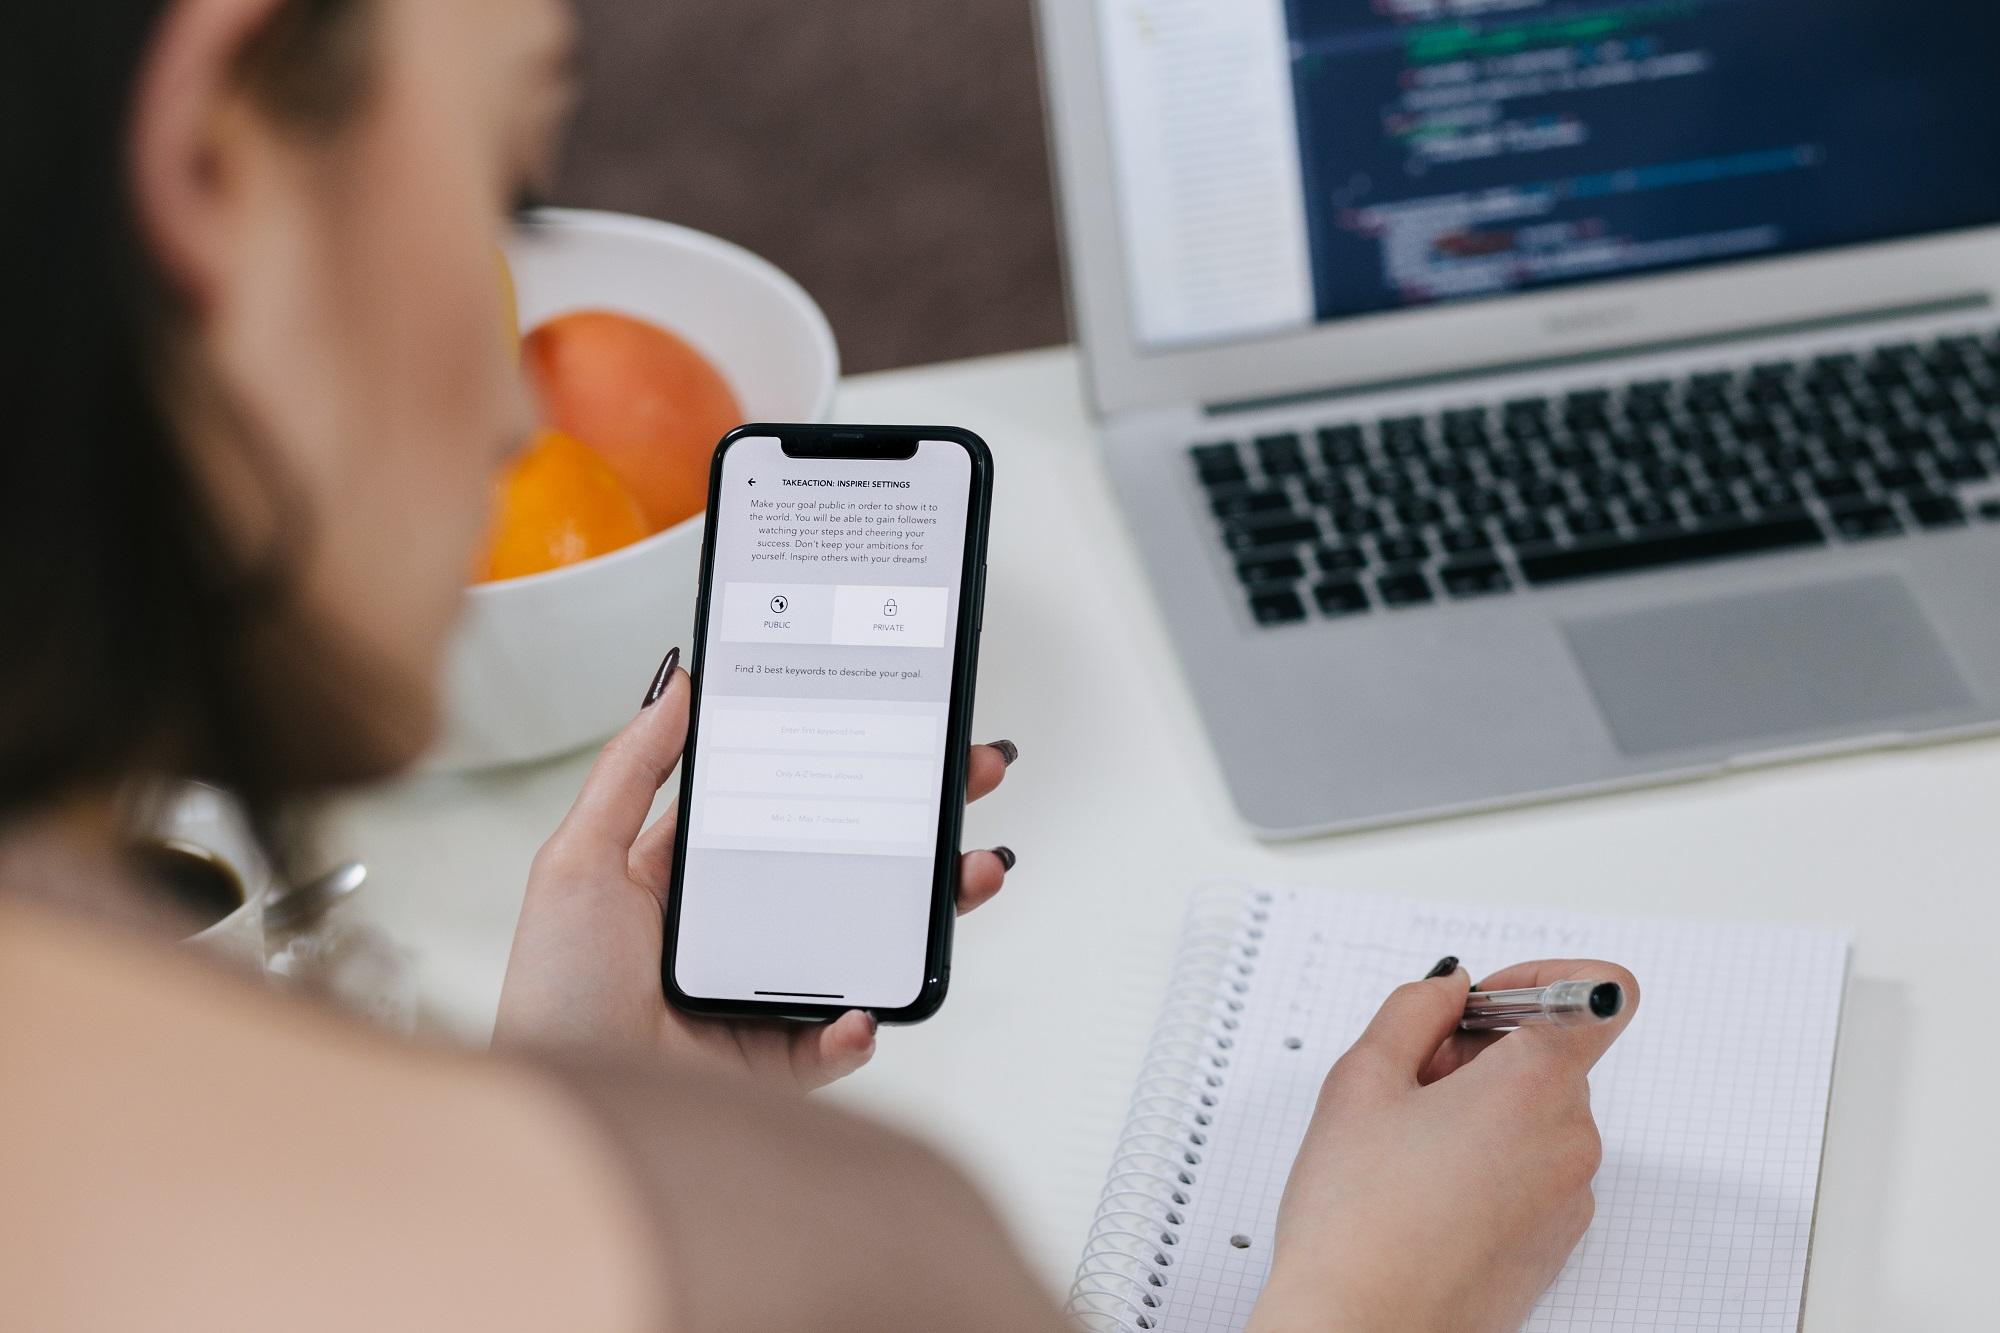 Досконально подсчитано, сколько времени офисные работники проводят в смартфонах